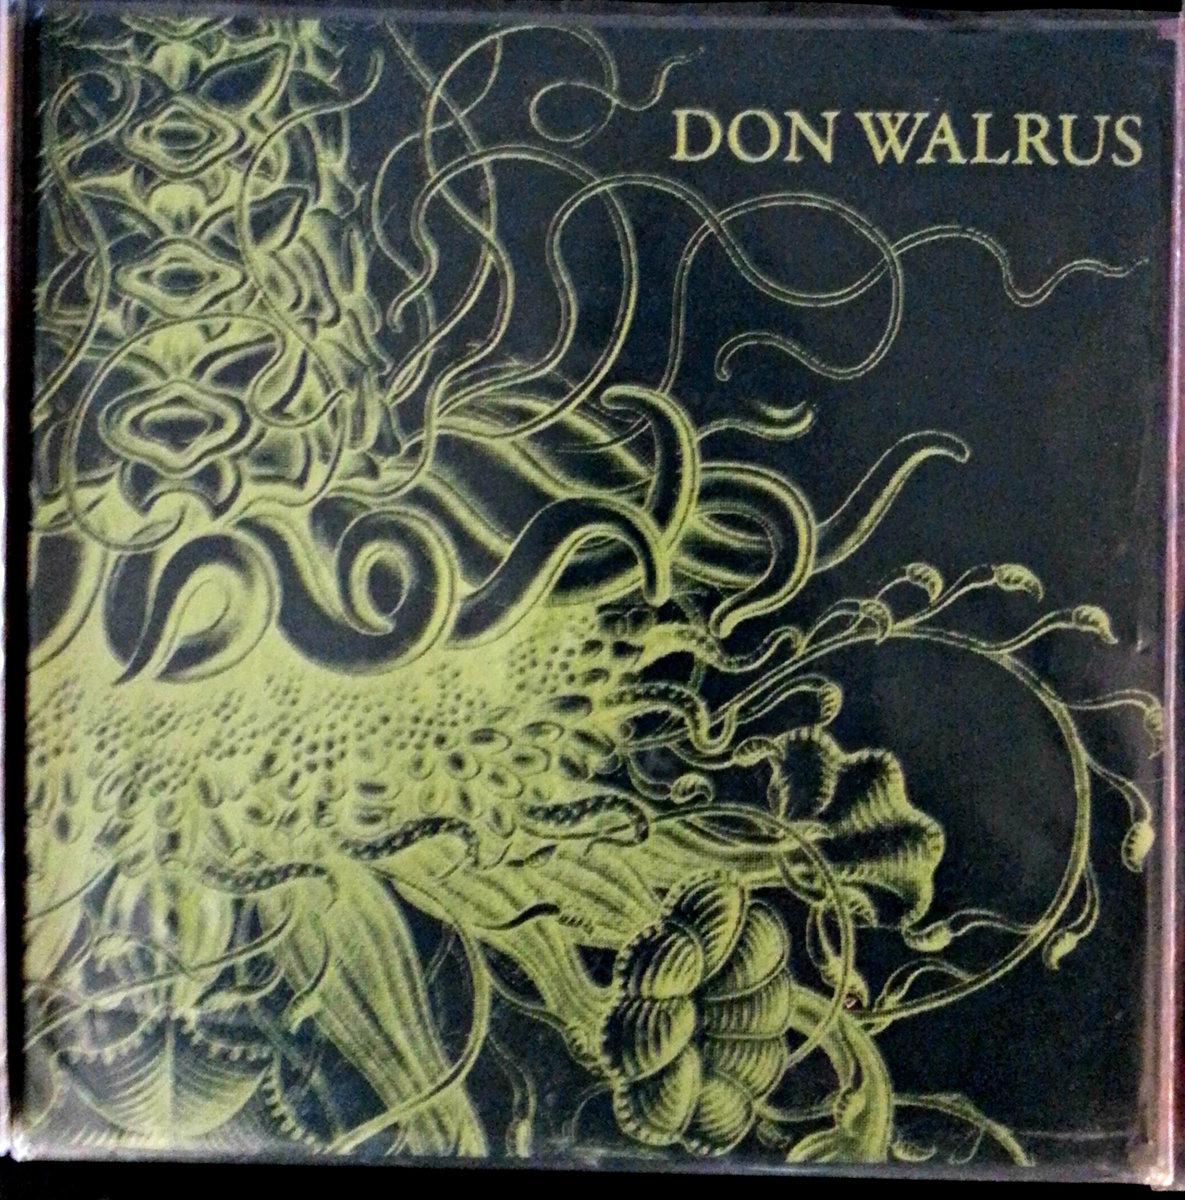 Don Walrus